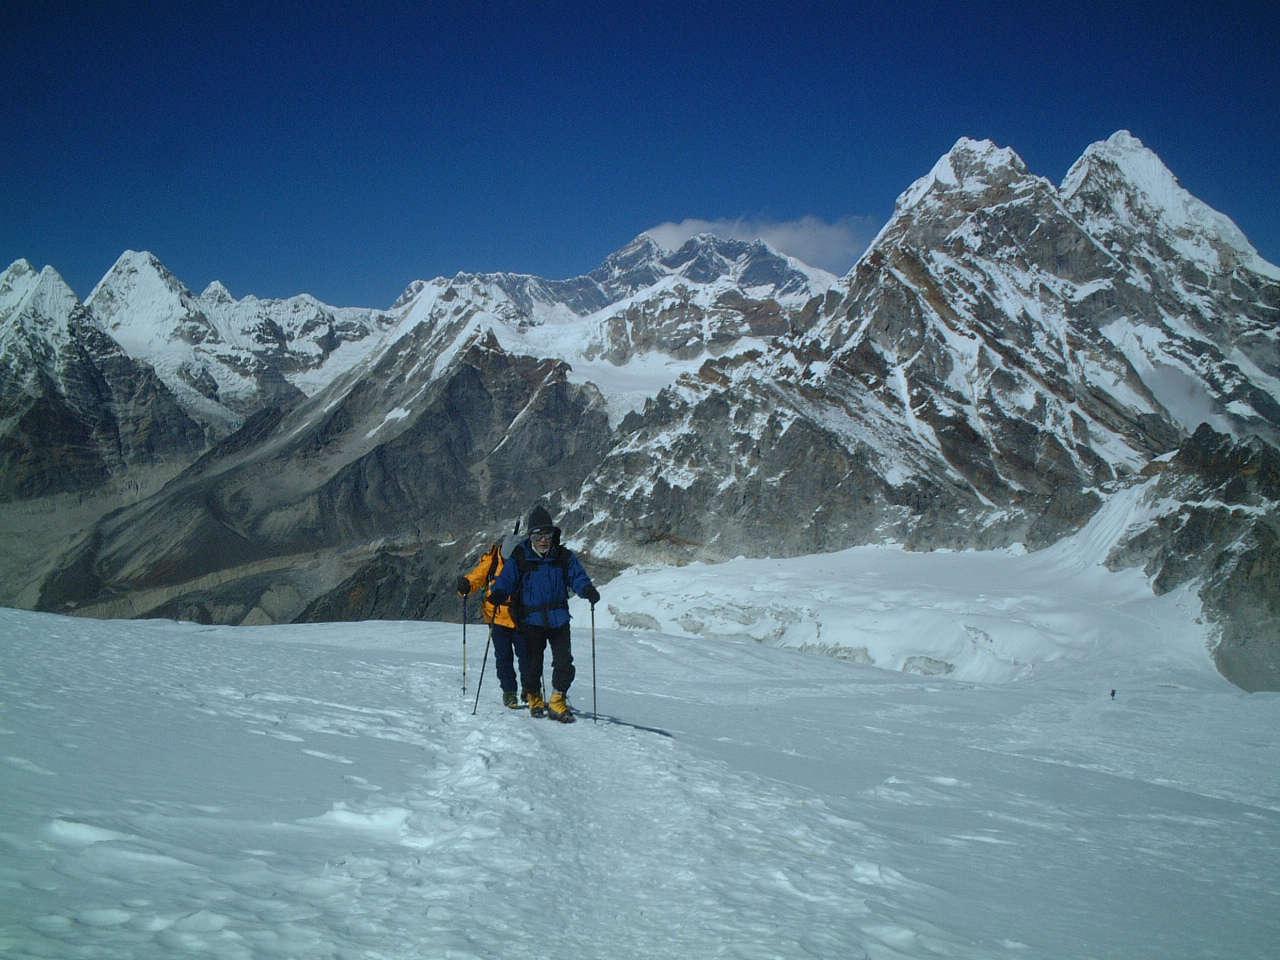 メラピーク(6,476m)登頂21日間